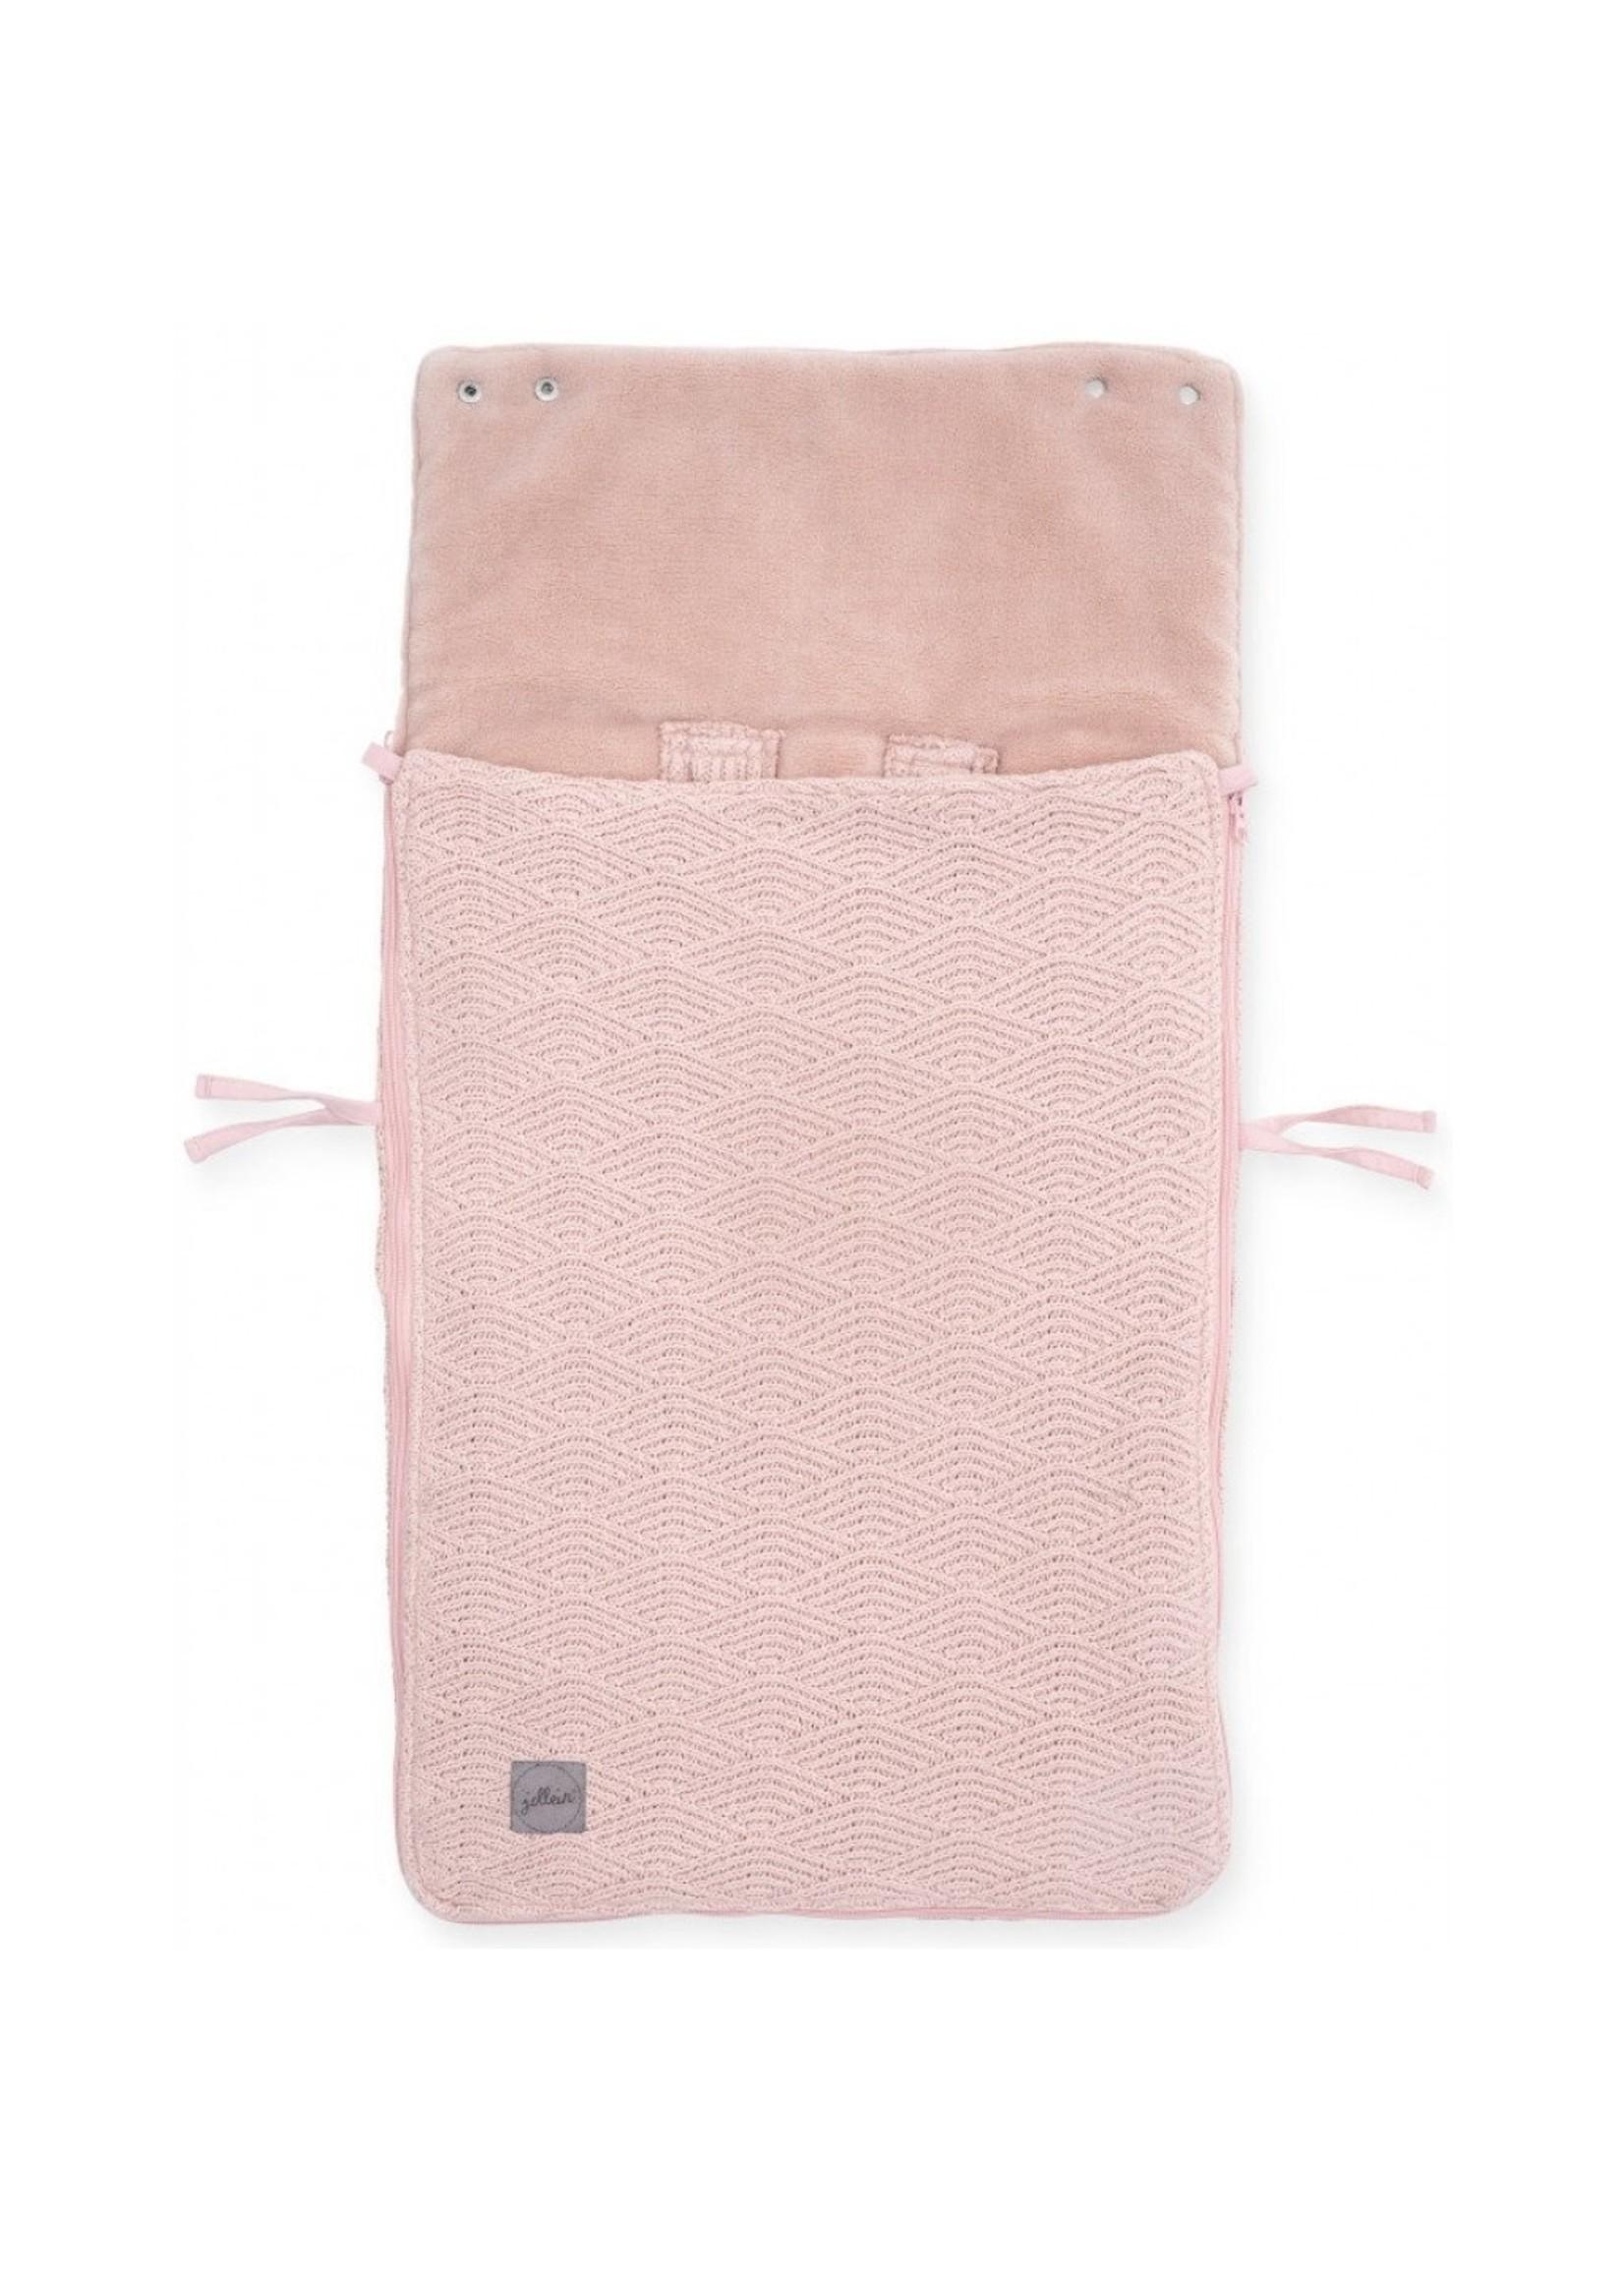 Jollein Voetenzak River Knit Pale Pink